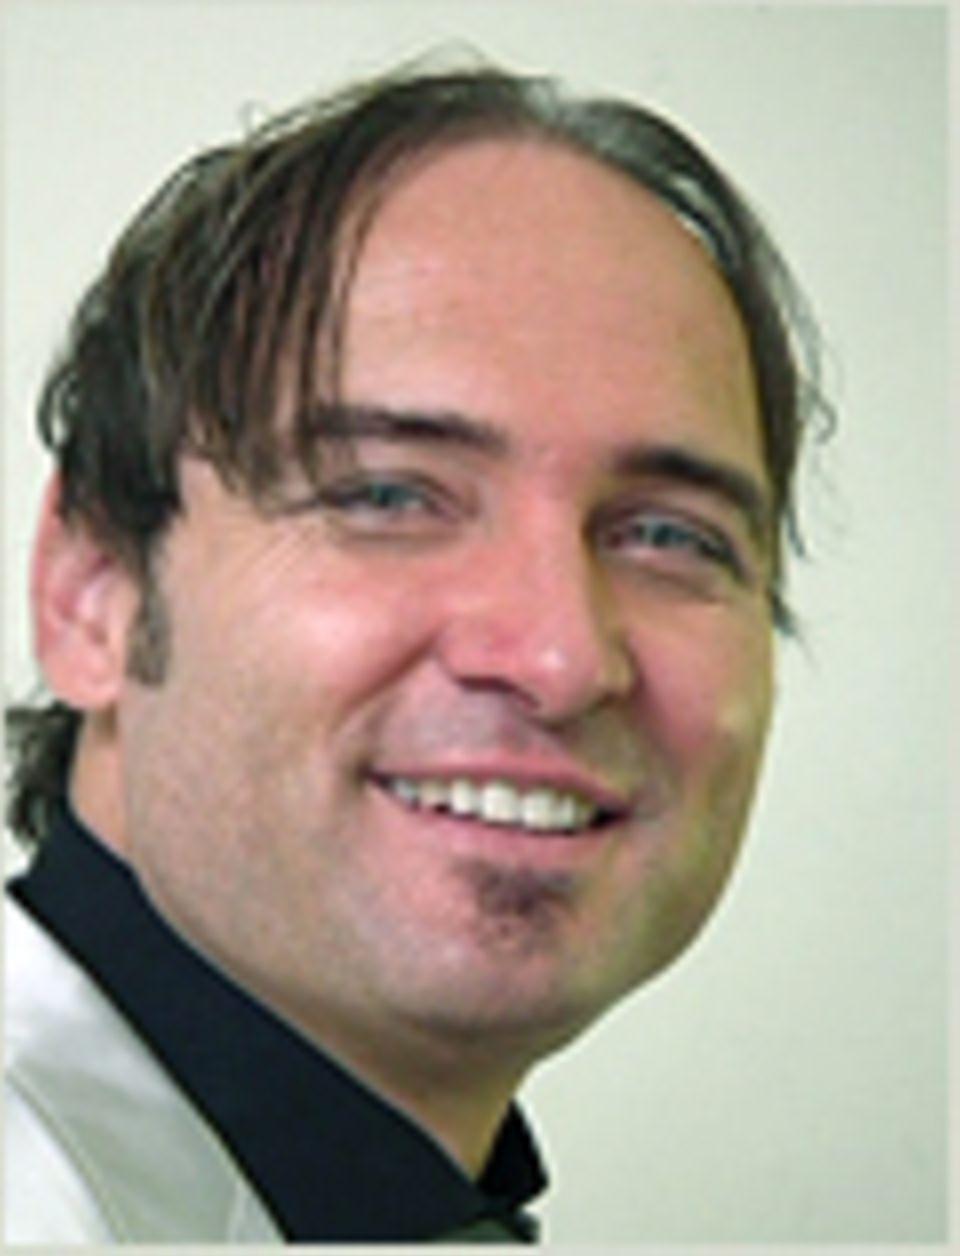 Fleischkonsum und Klima: Kurt Schmidinger ist Diplom-Geophysiker und Doktor der Lebensmittel-Wissenschaften und leitet das Projekt www.futurefood.org